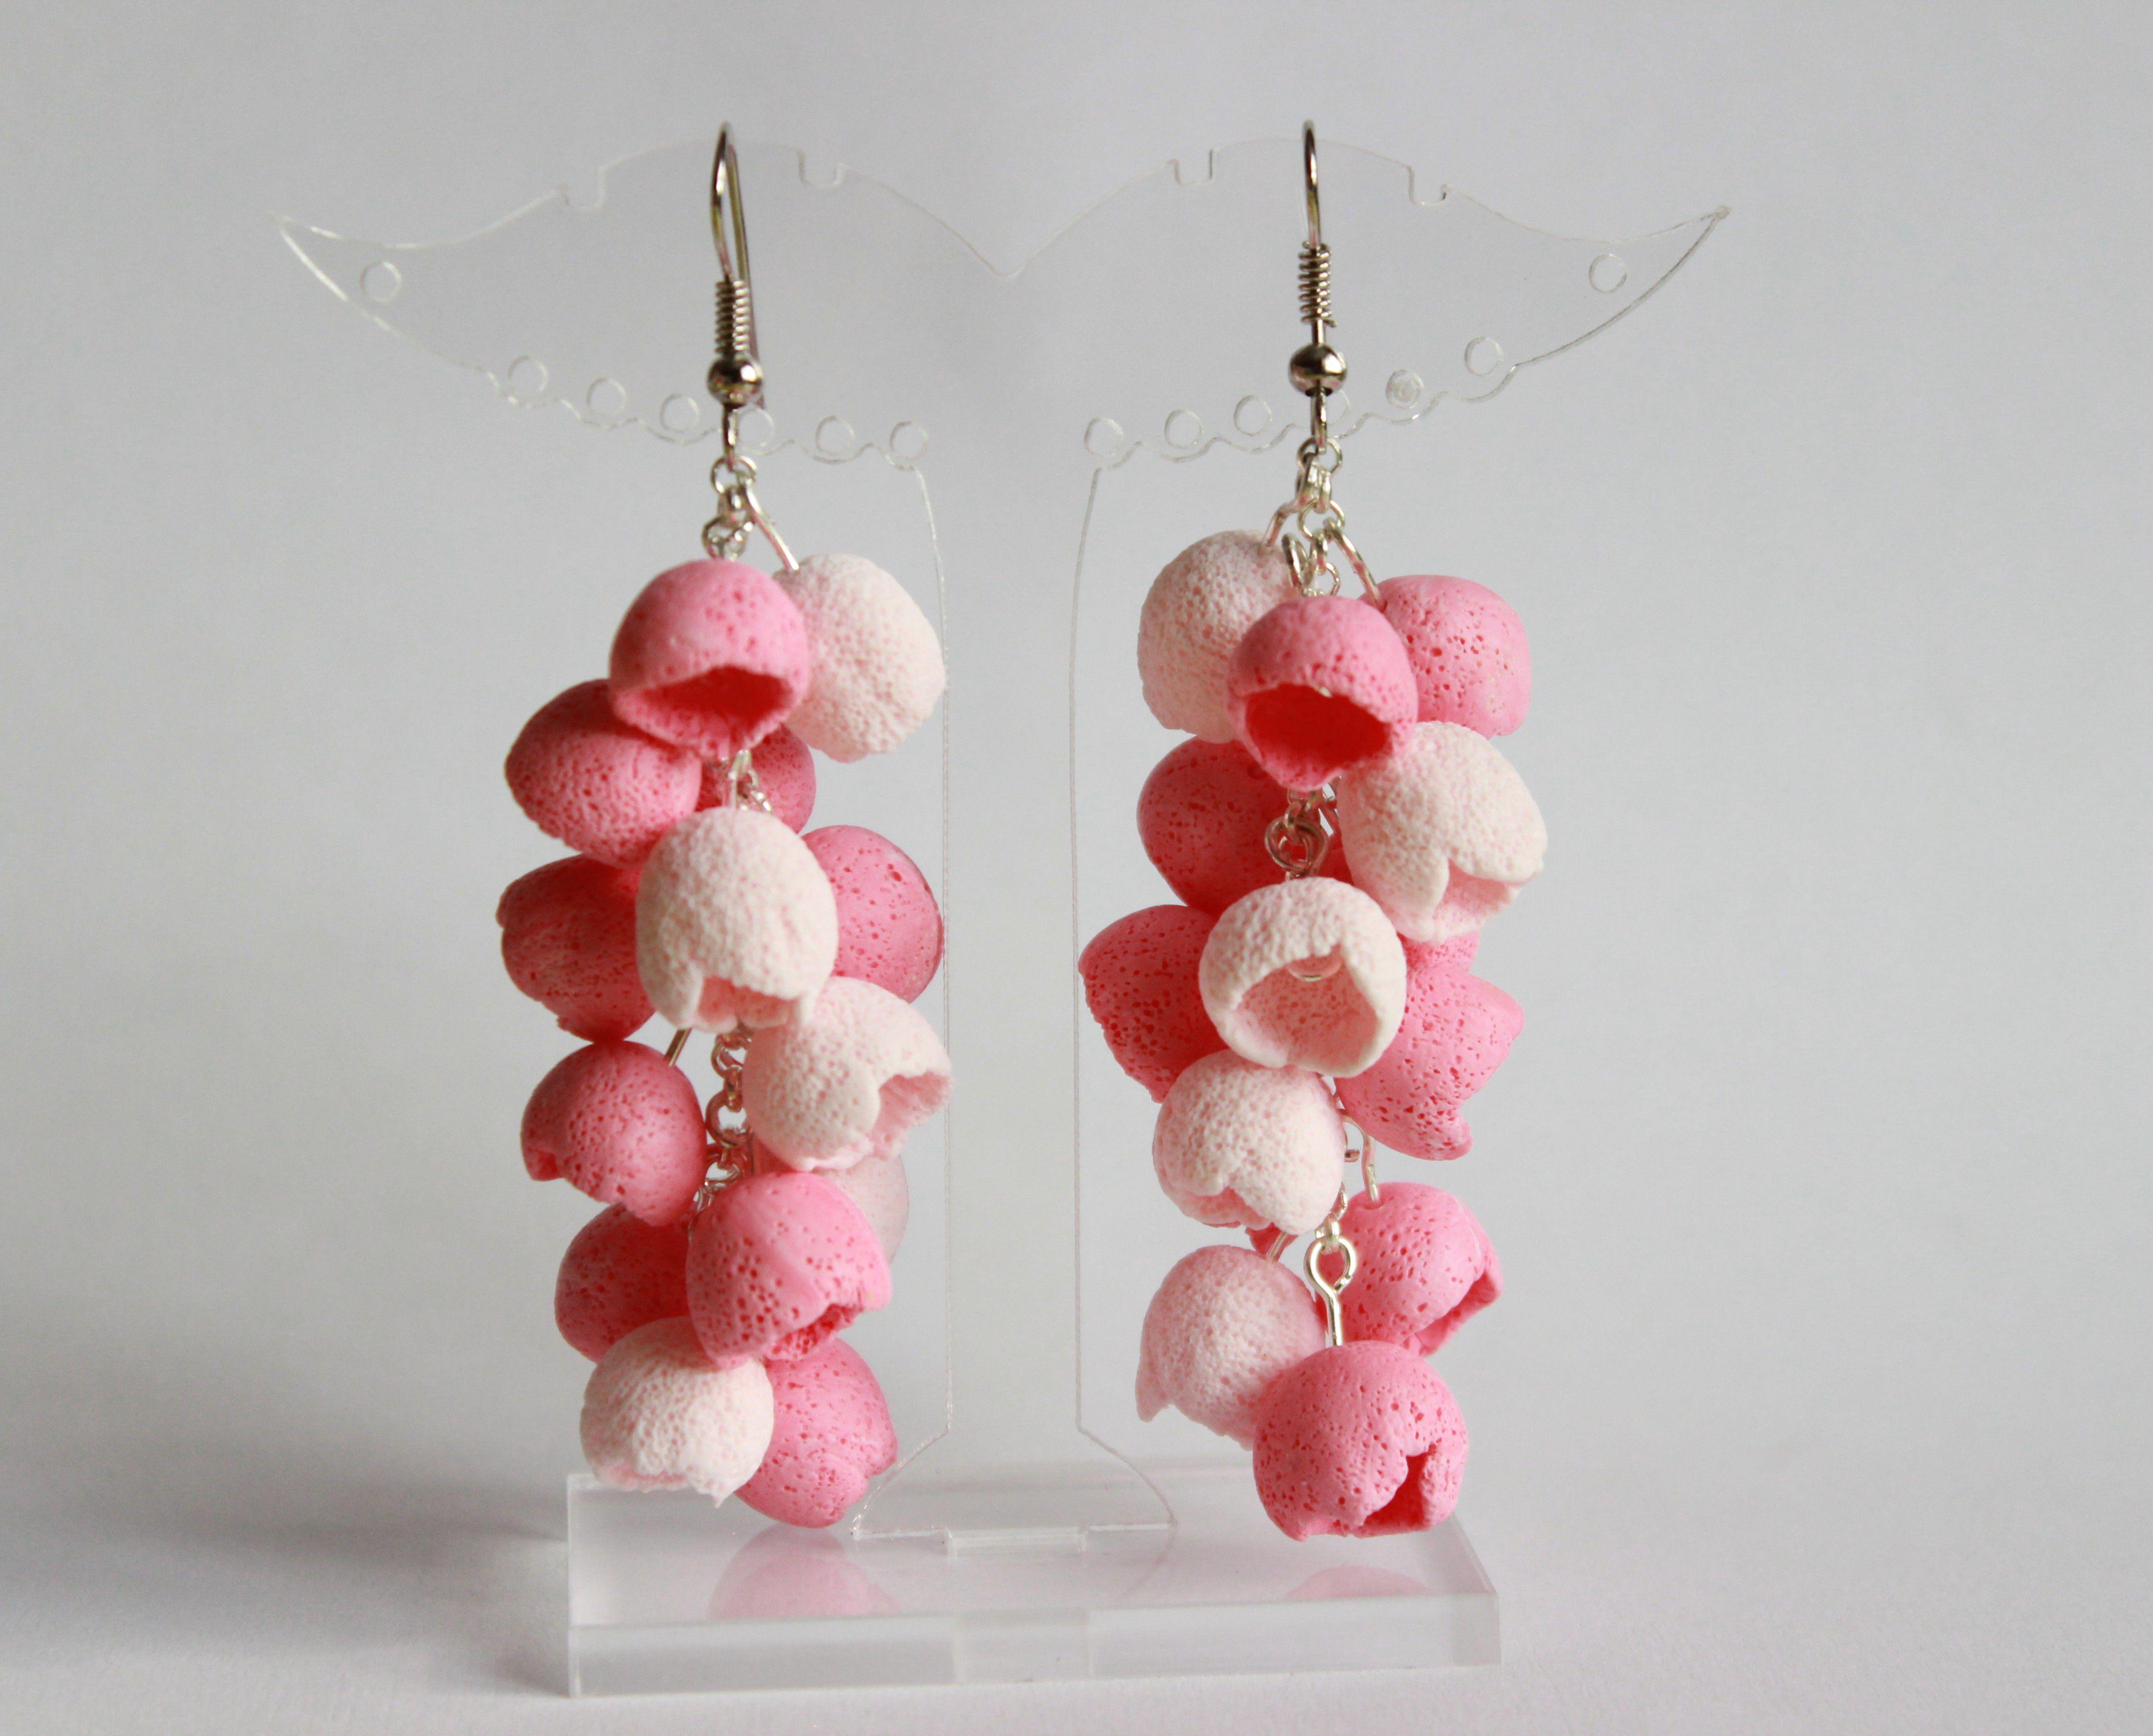 полимерная глина романтичные серьги работа шапочки ручная длинные нежные бутоны летние розовые украшения колокольчики бижутерия